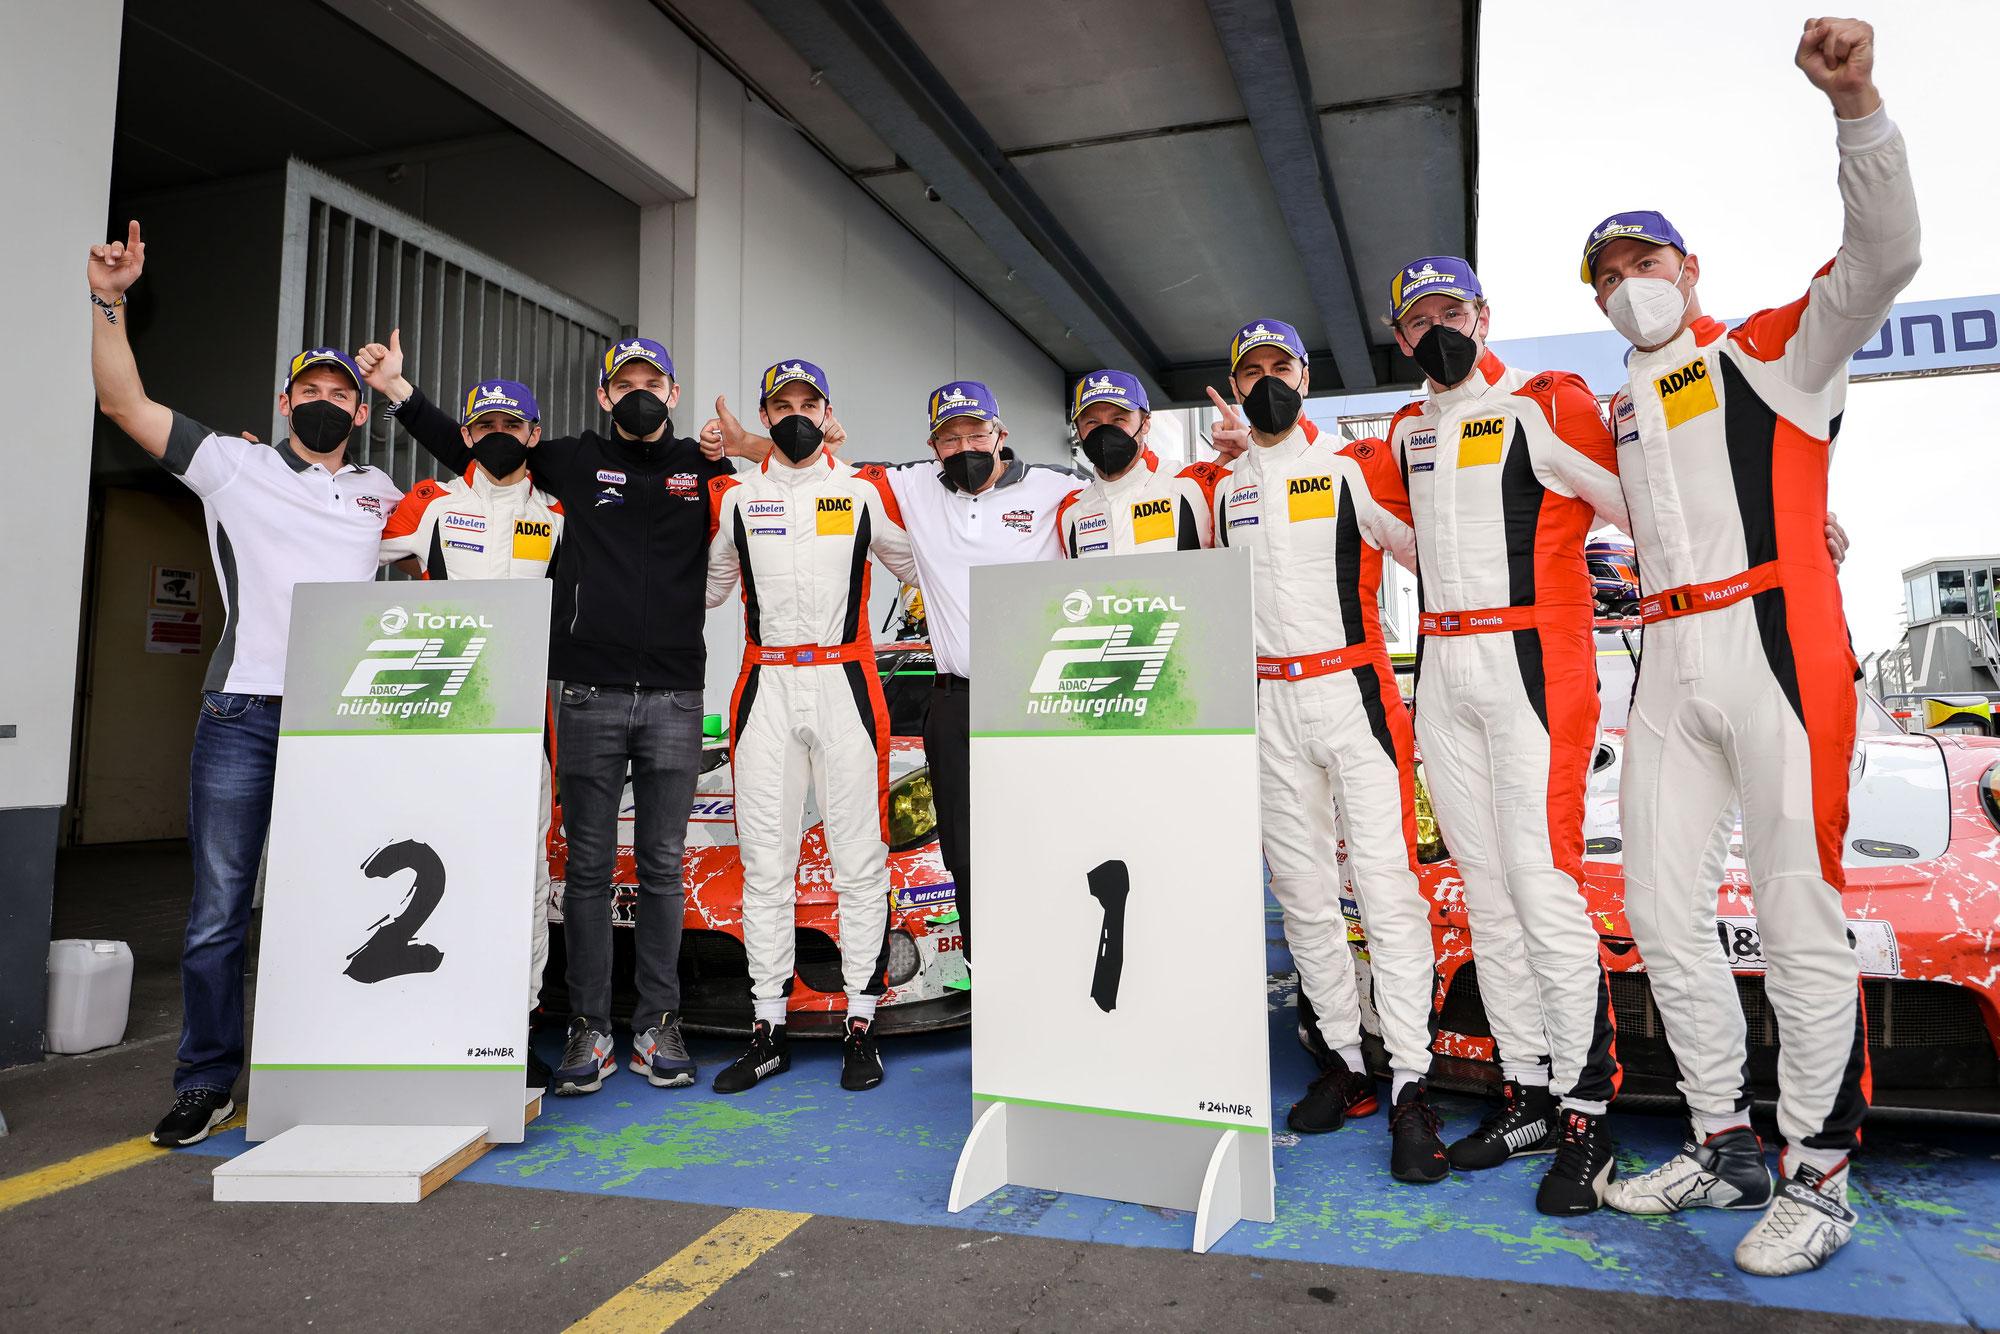 Doppelsieg für Frikadelli Racing bei der Generalprobe für das 24h-Rennen